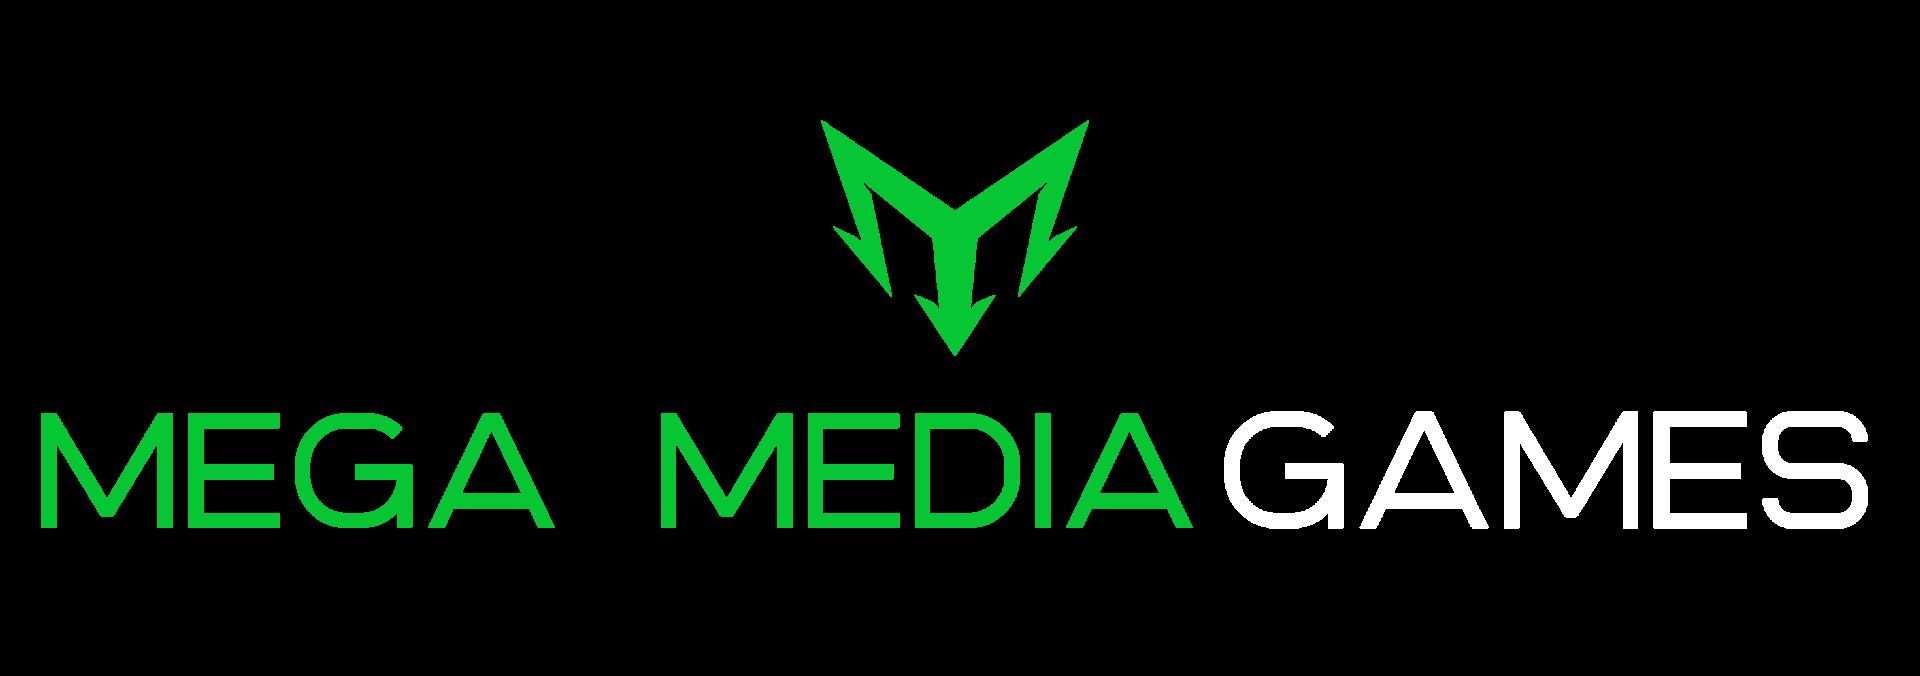 Mega Media Games